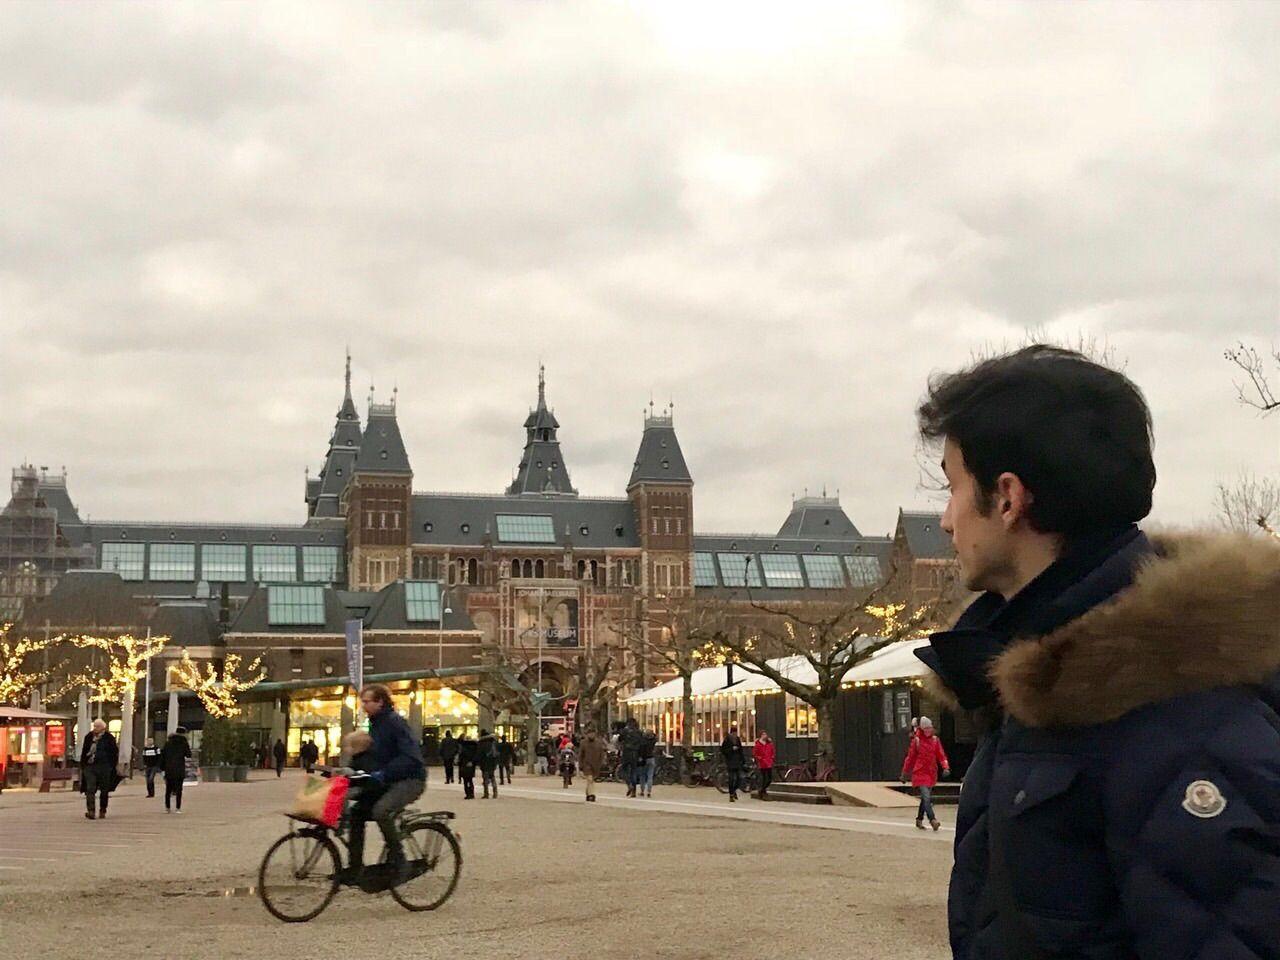 Екатерина Кухар и Александр Стоянов насладились поездкой в Амстердам - фото 357816